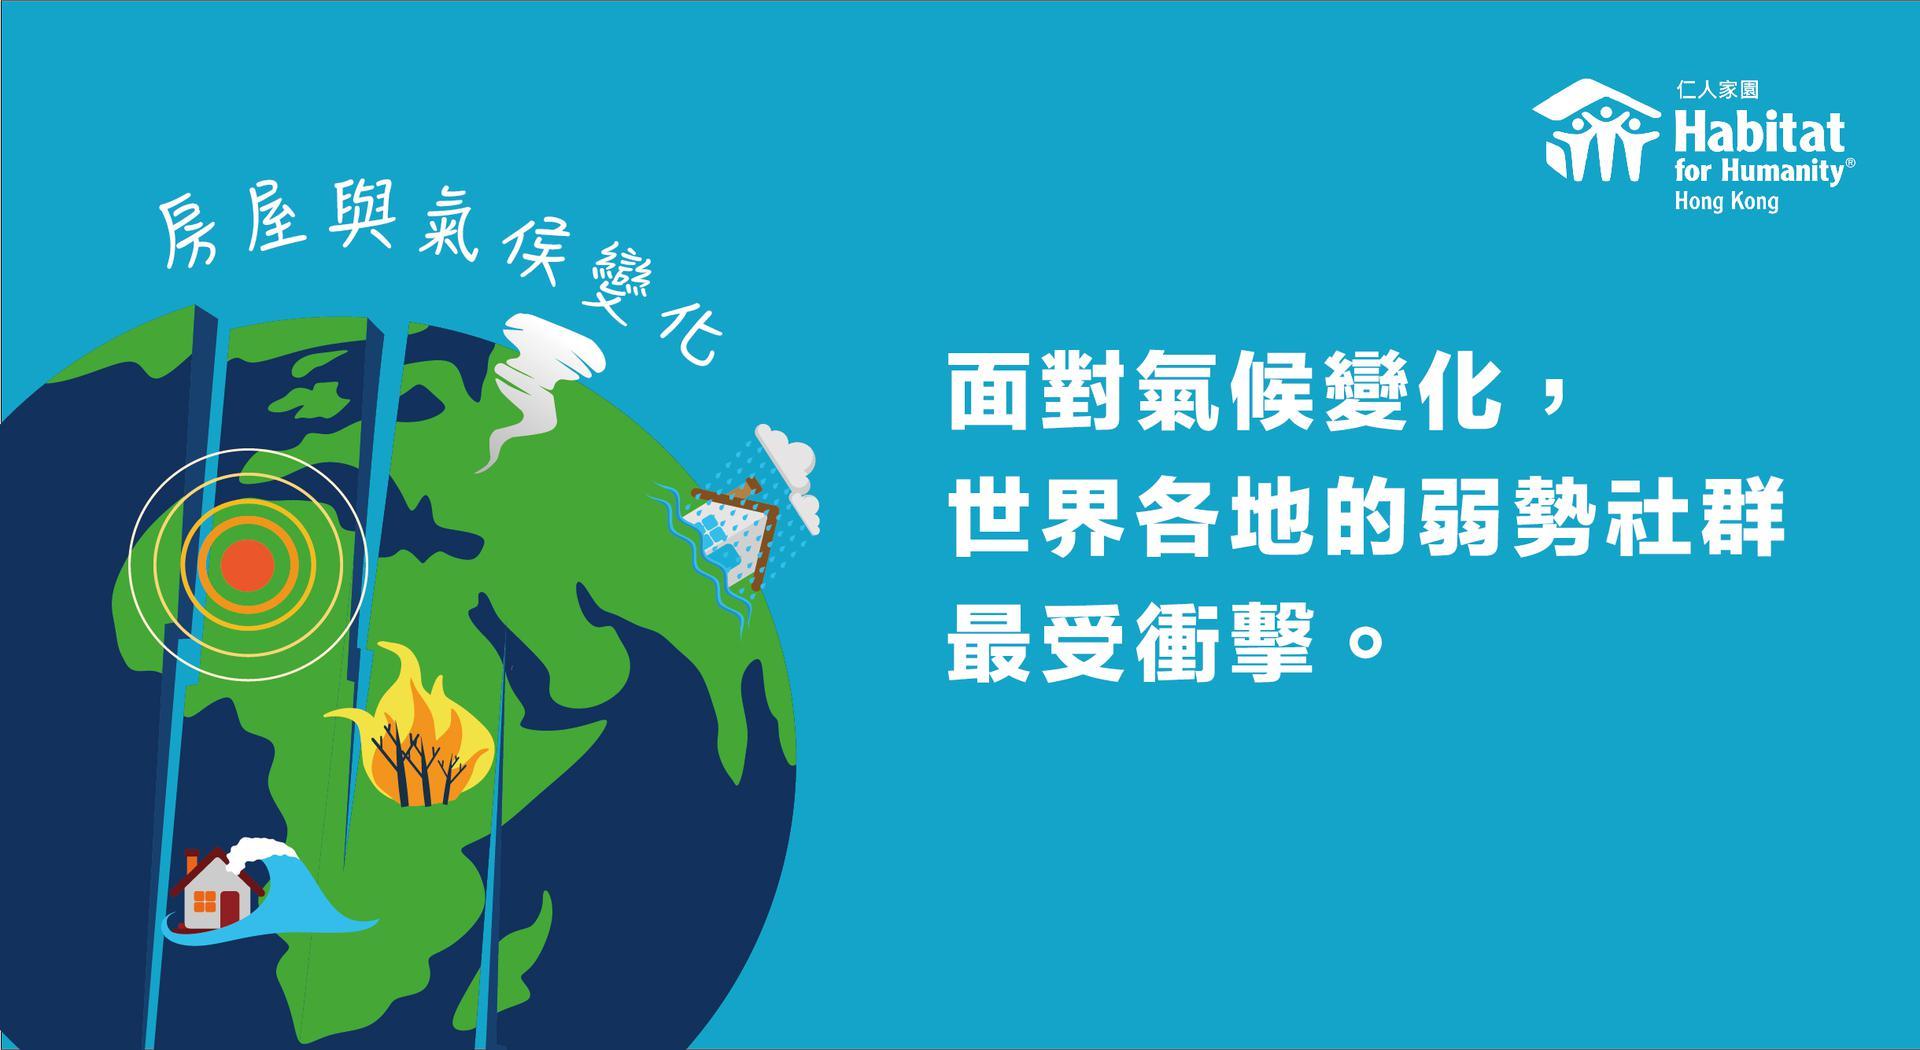 面對氣候變化,世界各地的弱勢社群最受衝擊!